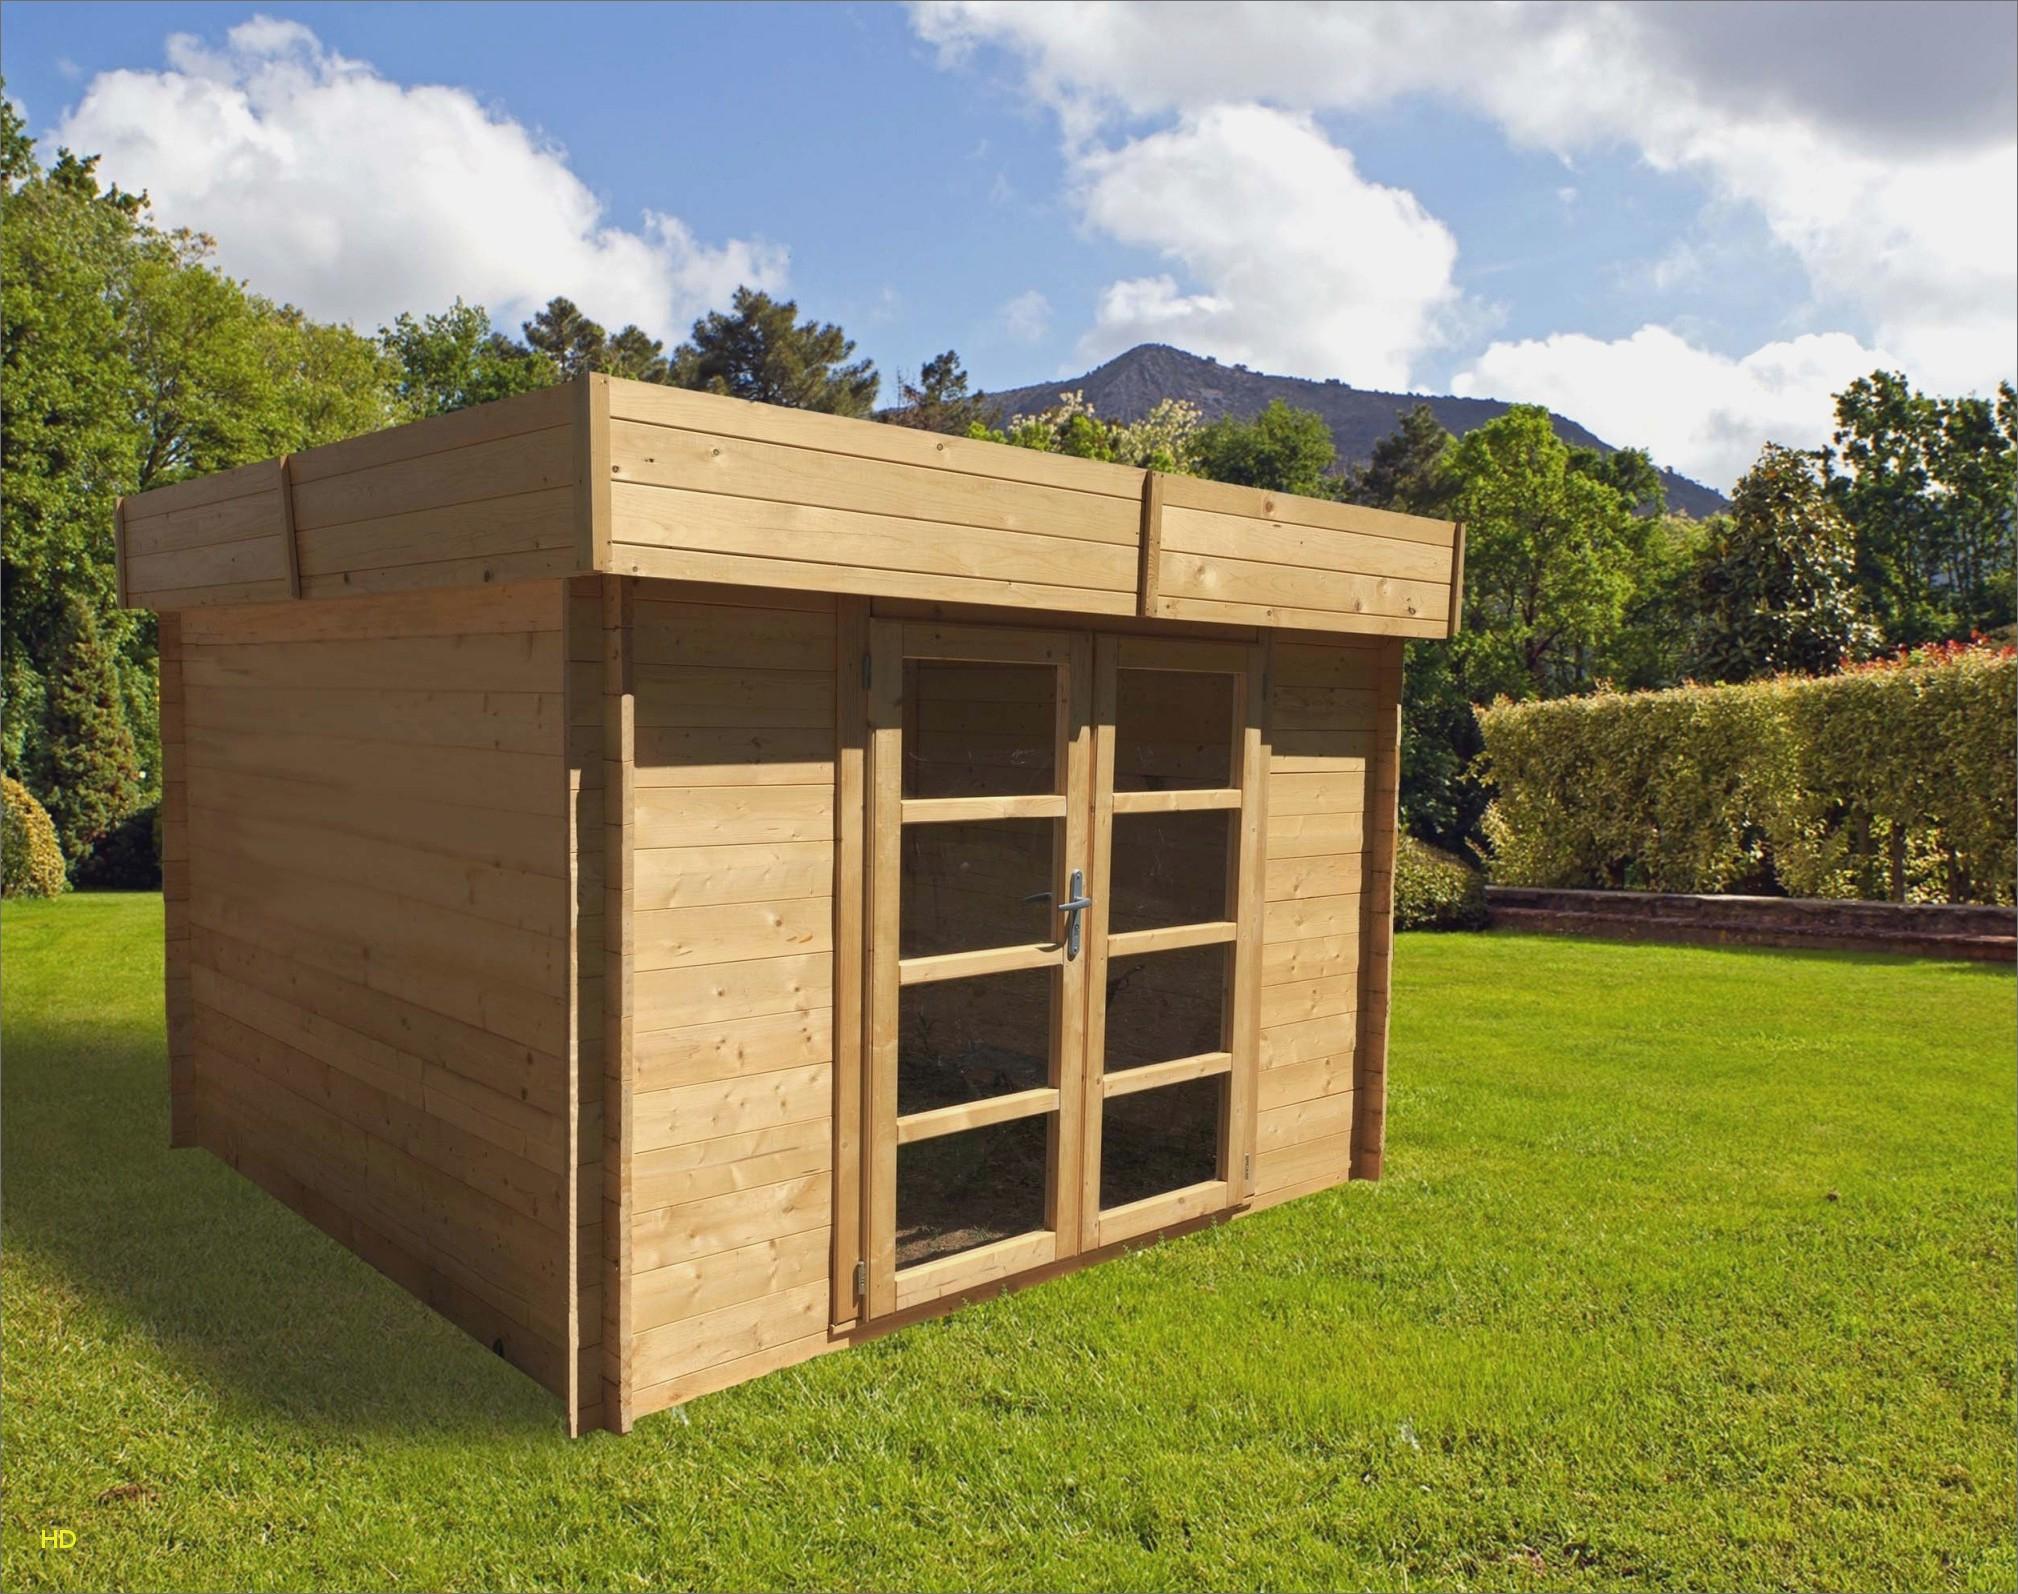 Fabriquer Un Cache Poubelle Nouveau Image Fabrication Porte En Bois Abris Garage Bois Inspirant Abris Jardin